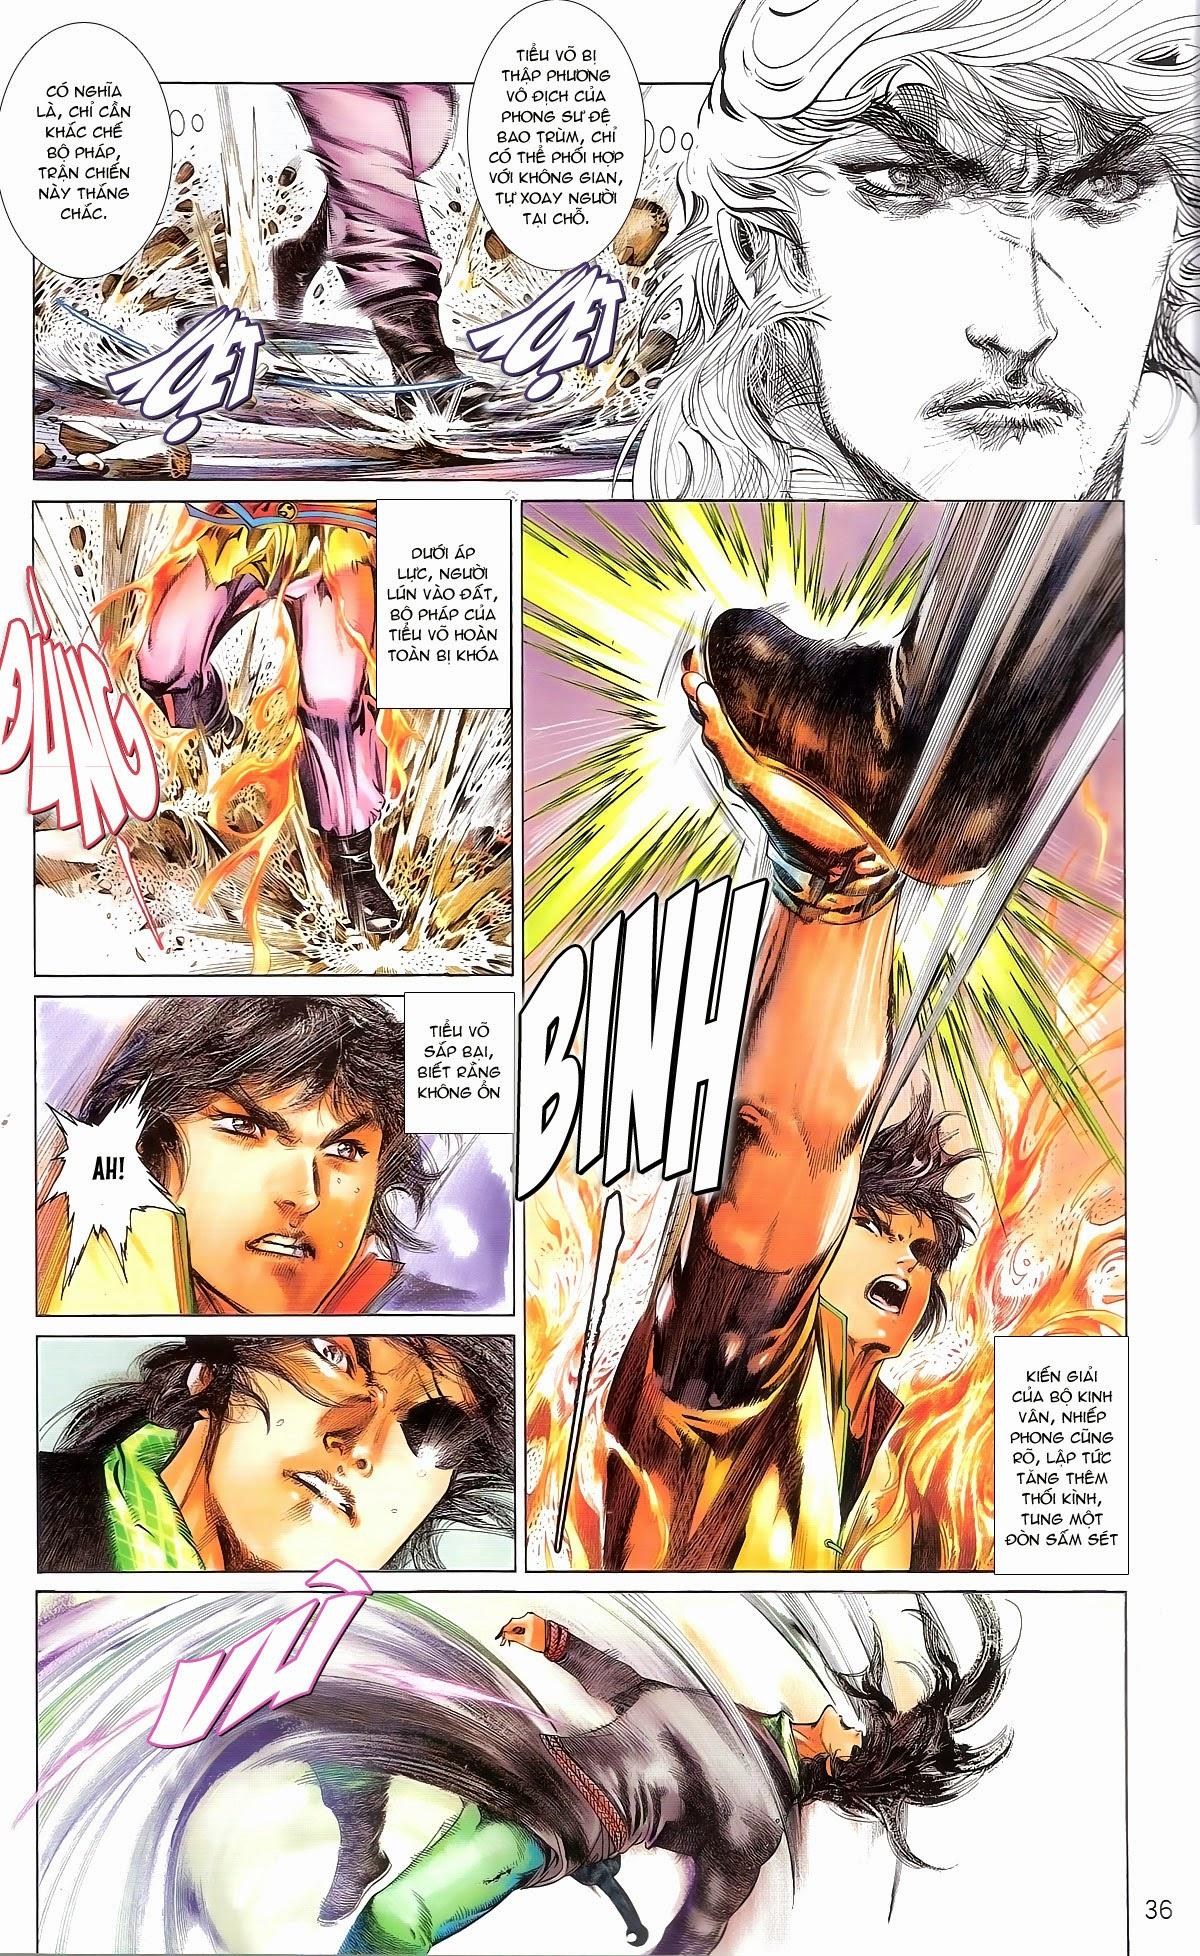 Phong Vân chap 674 – End Trang 38 - Mangak.info